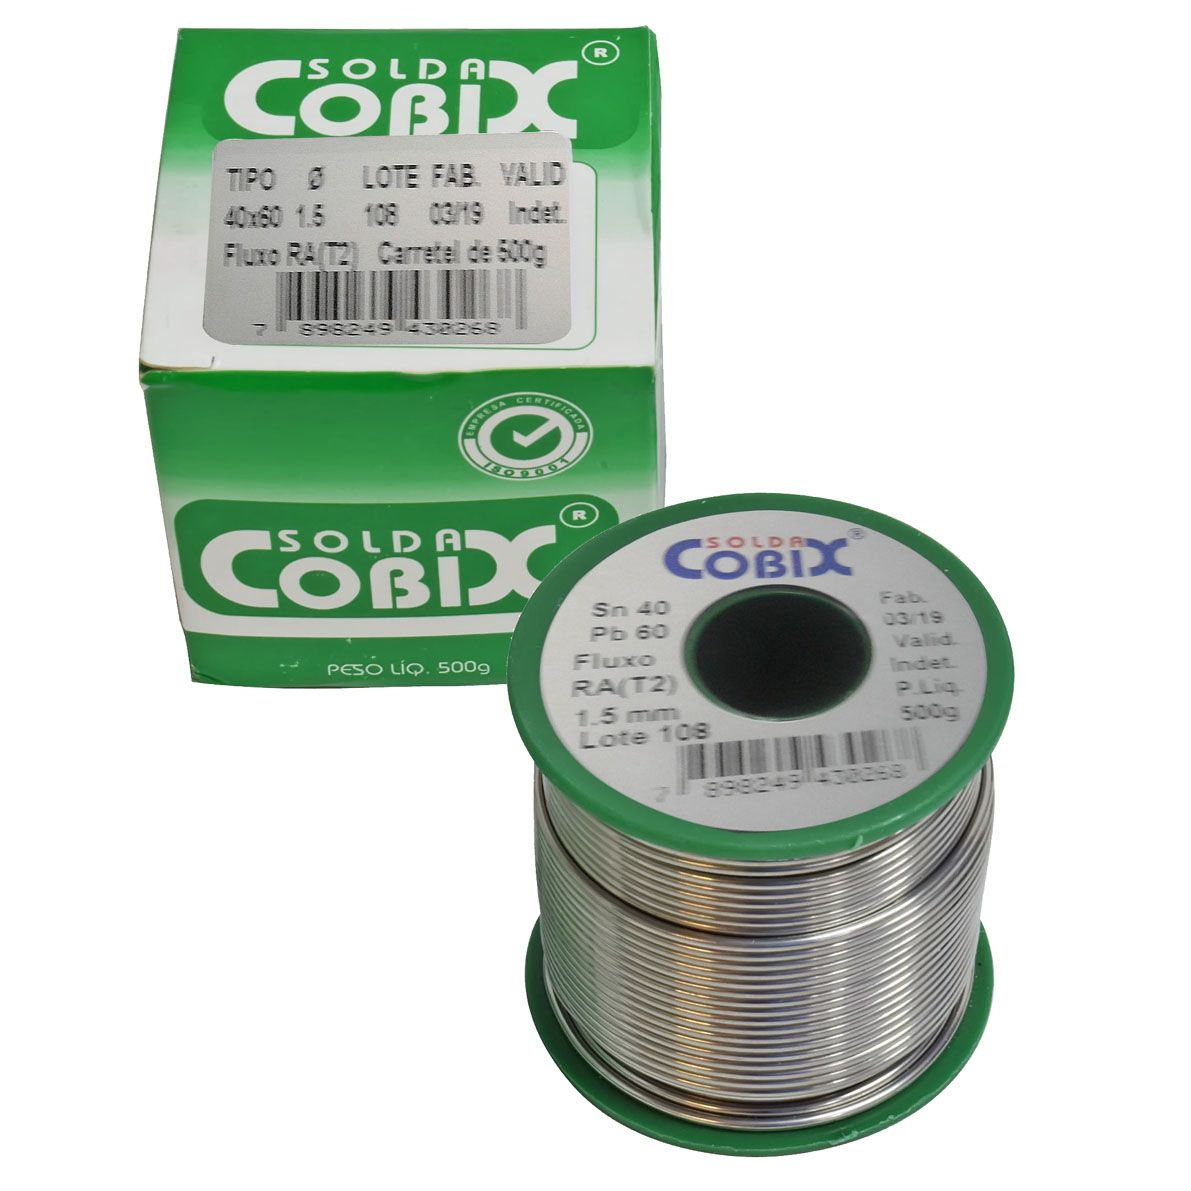 Estanho Solda Fluxo Cobix 500g Verde 40x60 1.5mm  - EMPORIO K